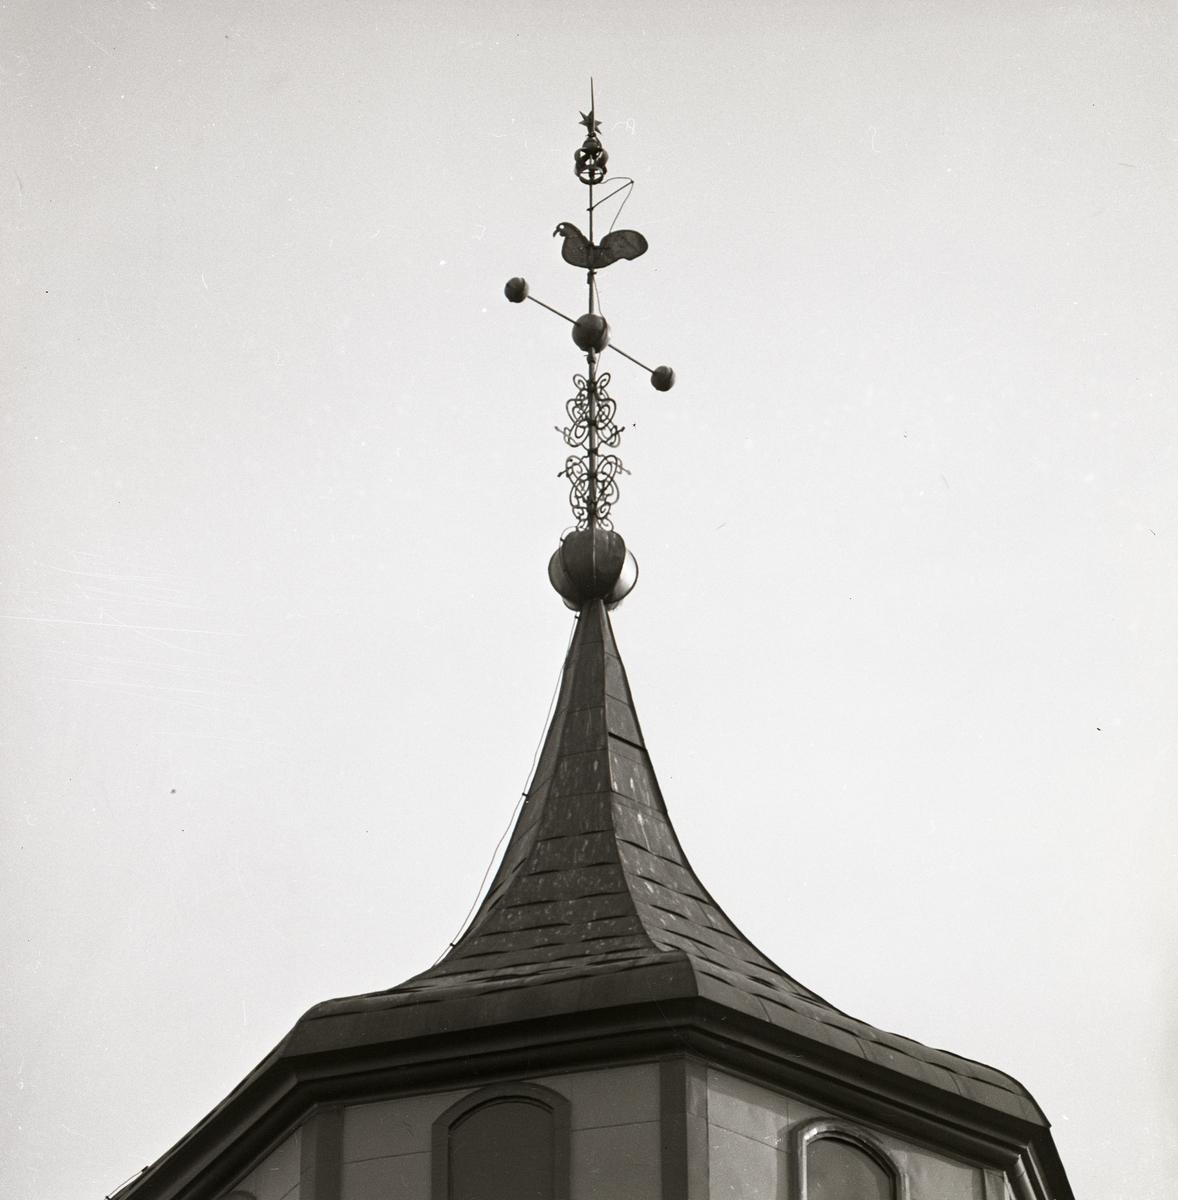 Torn med spira med kyrktupp på taket till Ulrika Eleonora kyrka i Söderhamn, 1973.